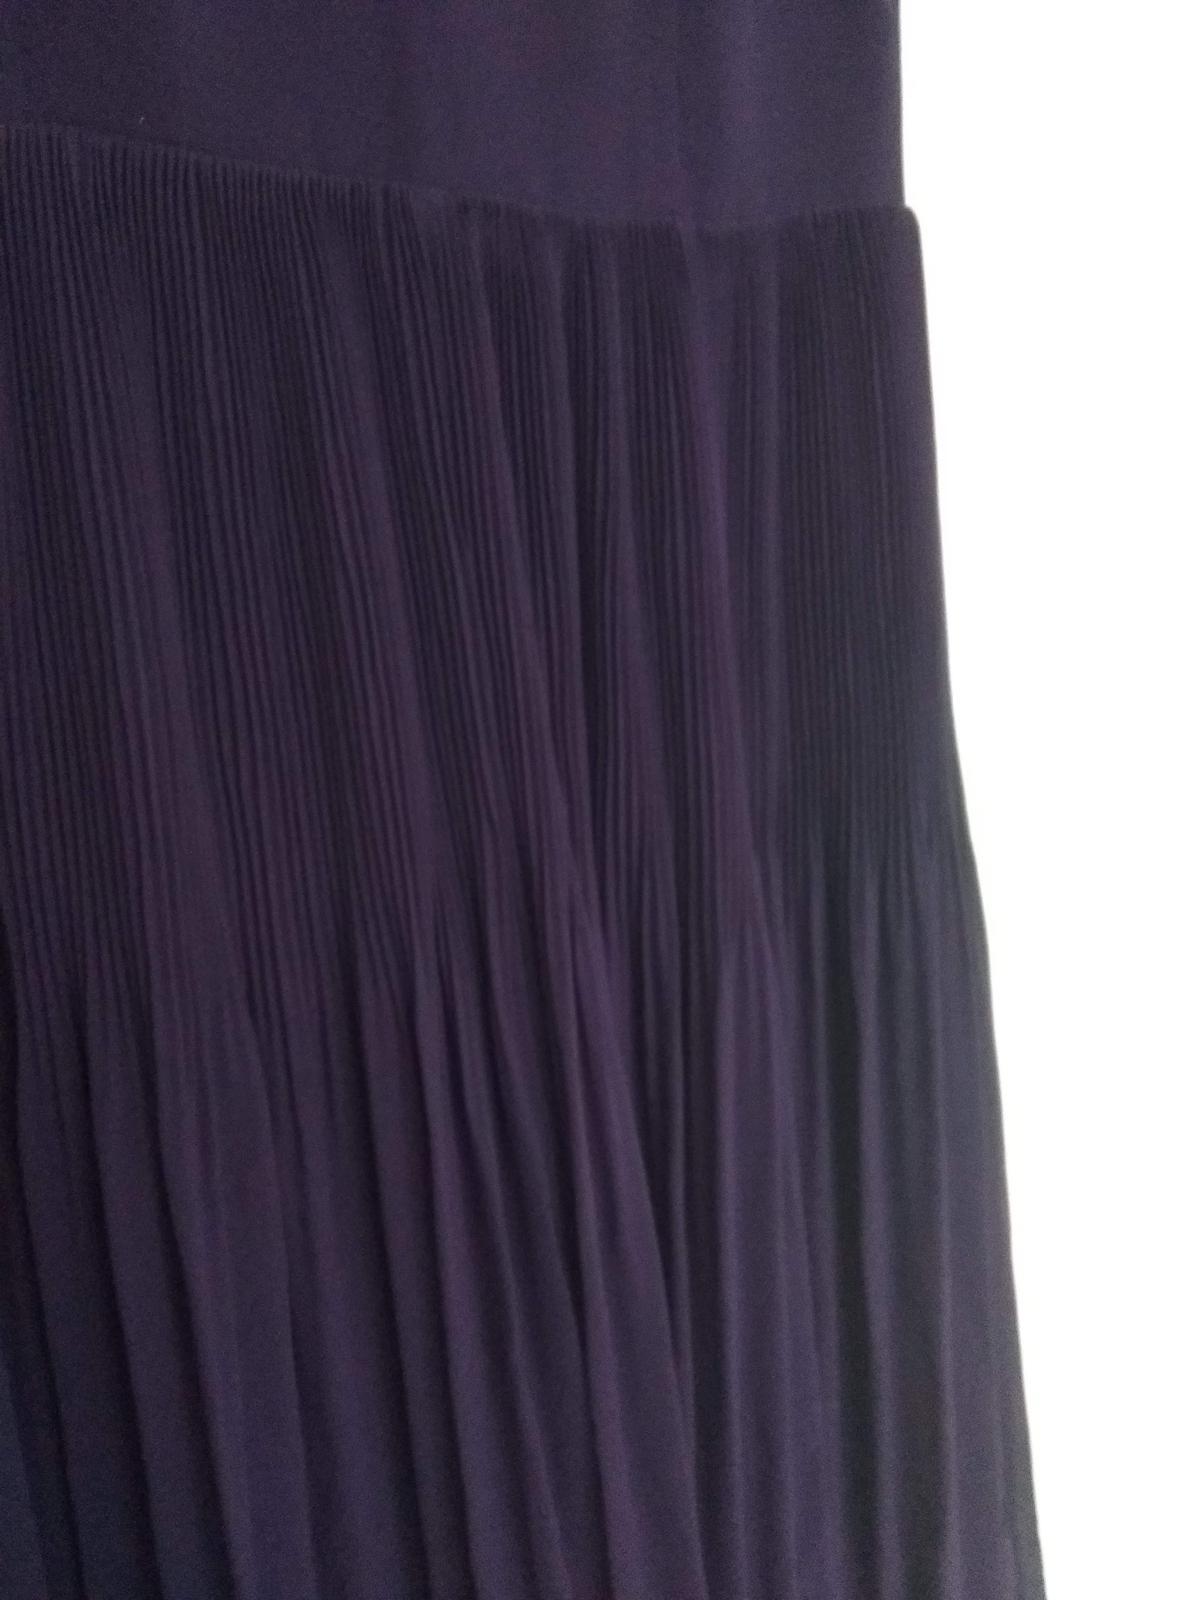 Fialové společenské šaty  - Obrázek č. 2